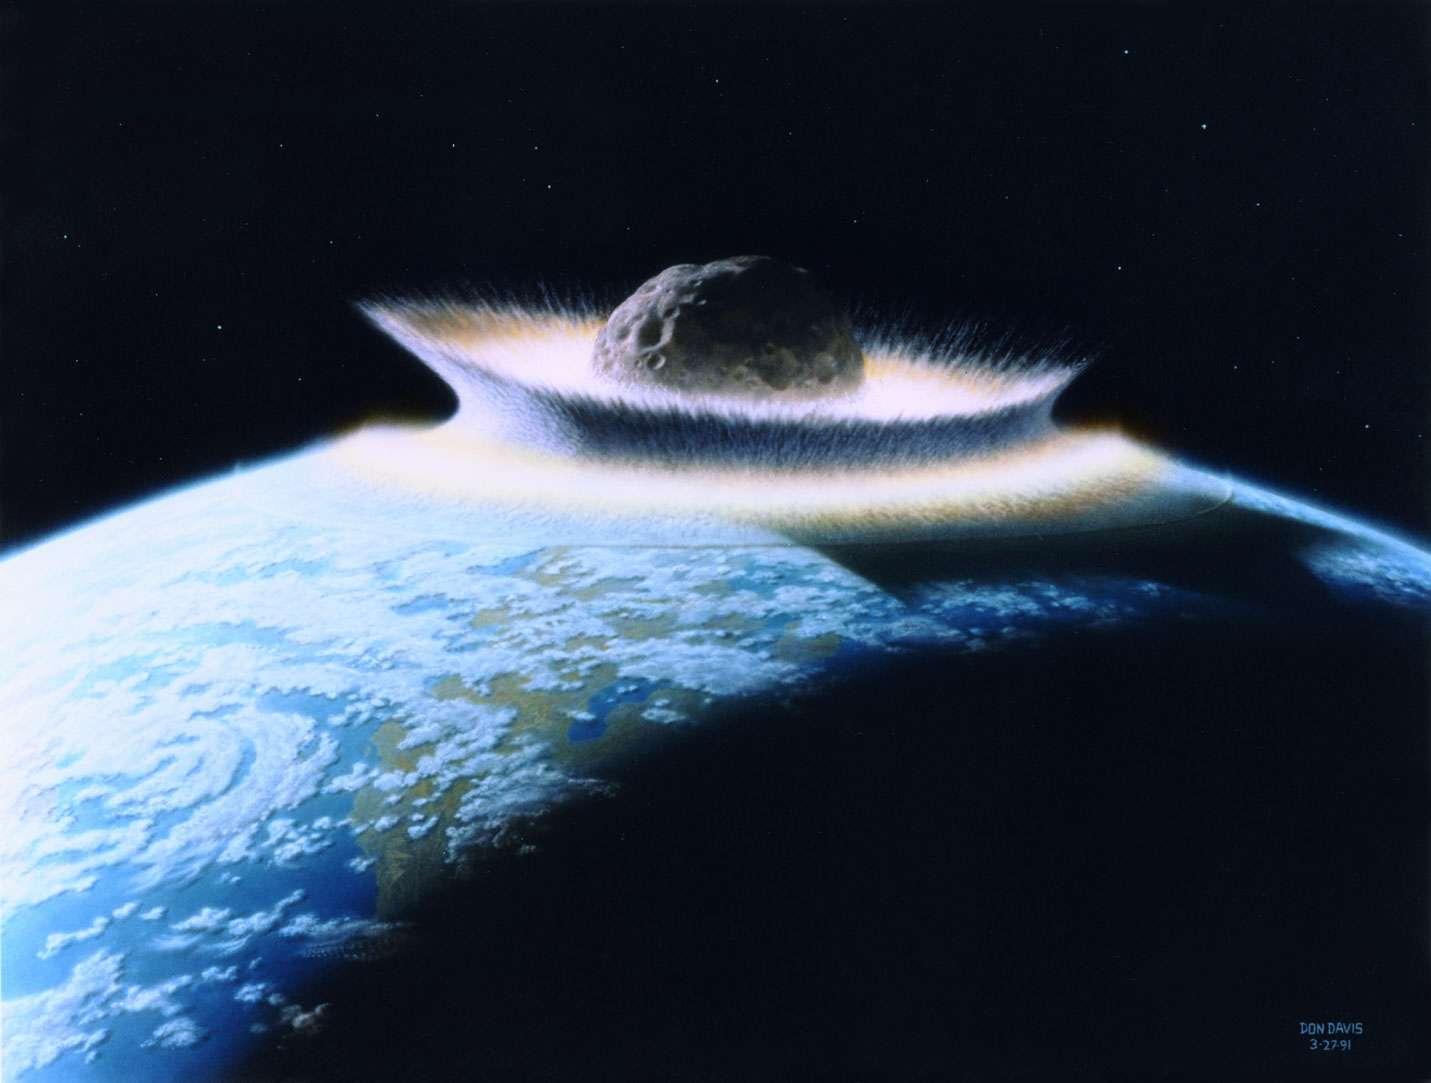 Un astéroïde a-t-il rendez-vous avec la Terre en décembre 2012 ? © Don Davis/Nasa